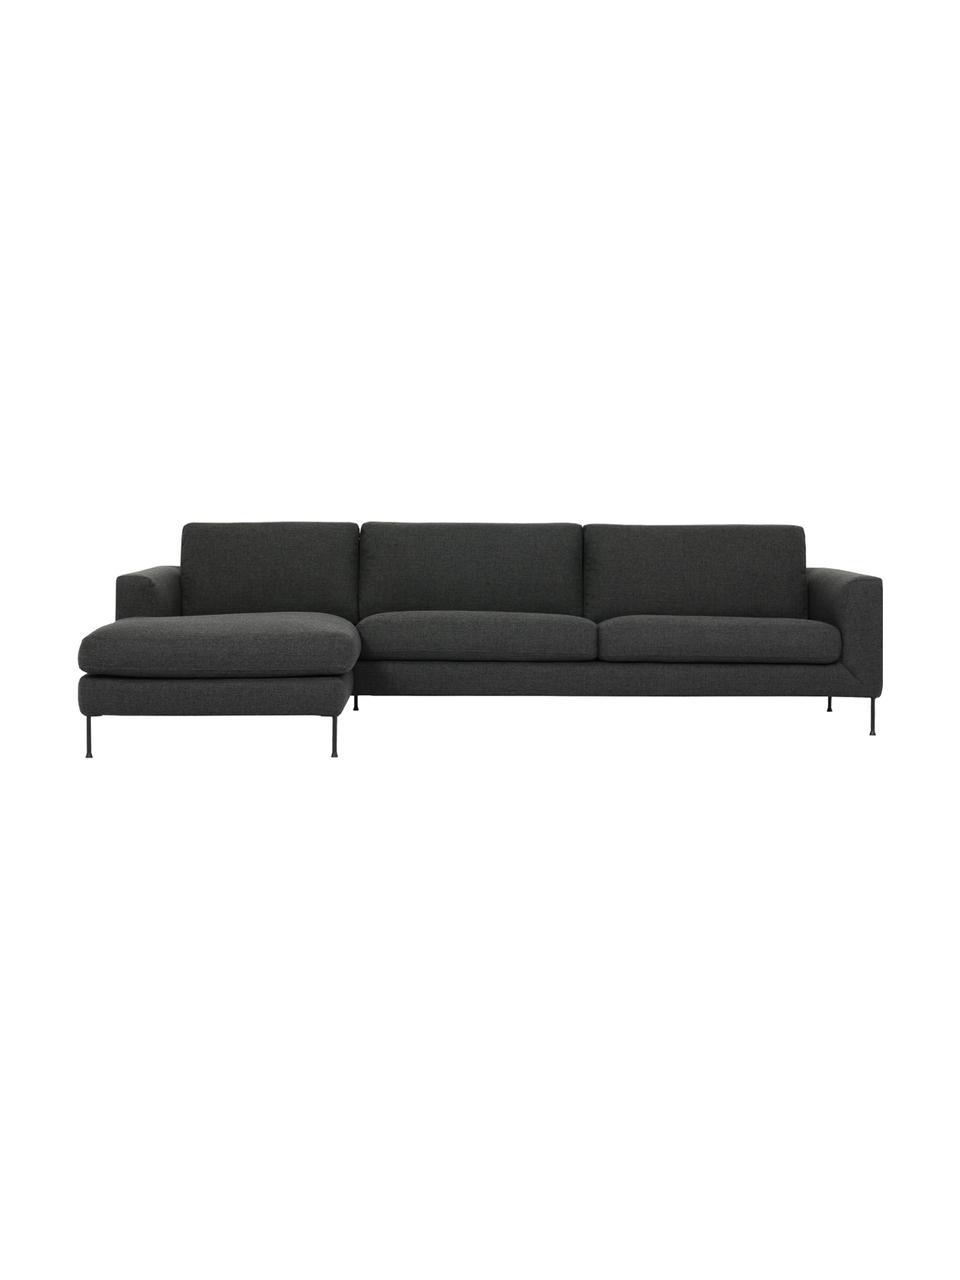 Sofa narożna z metalowymi nogami Cucita (4-osobowa), Tapicerka: tkanina (poliester) Dzięk, Nogi: metal lakierowany, Antracytowy, S 302 x G 163 cm